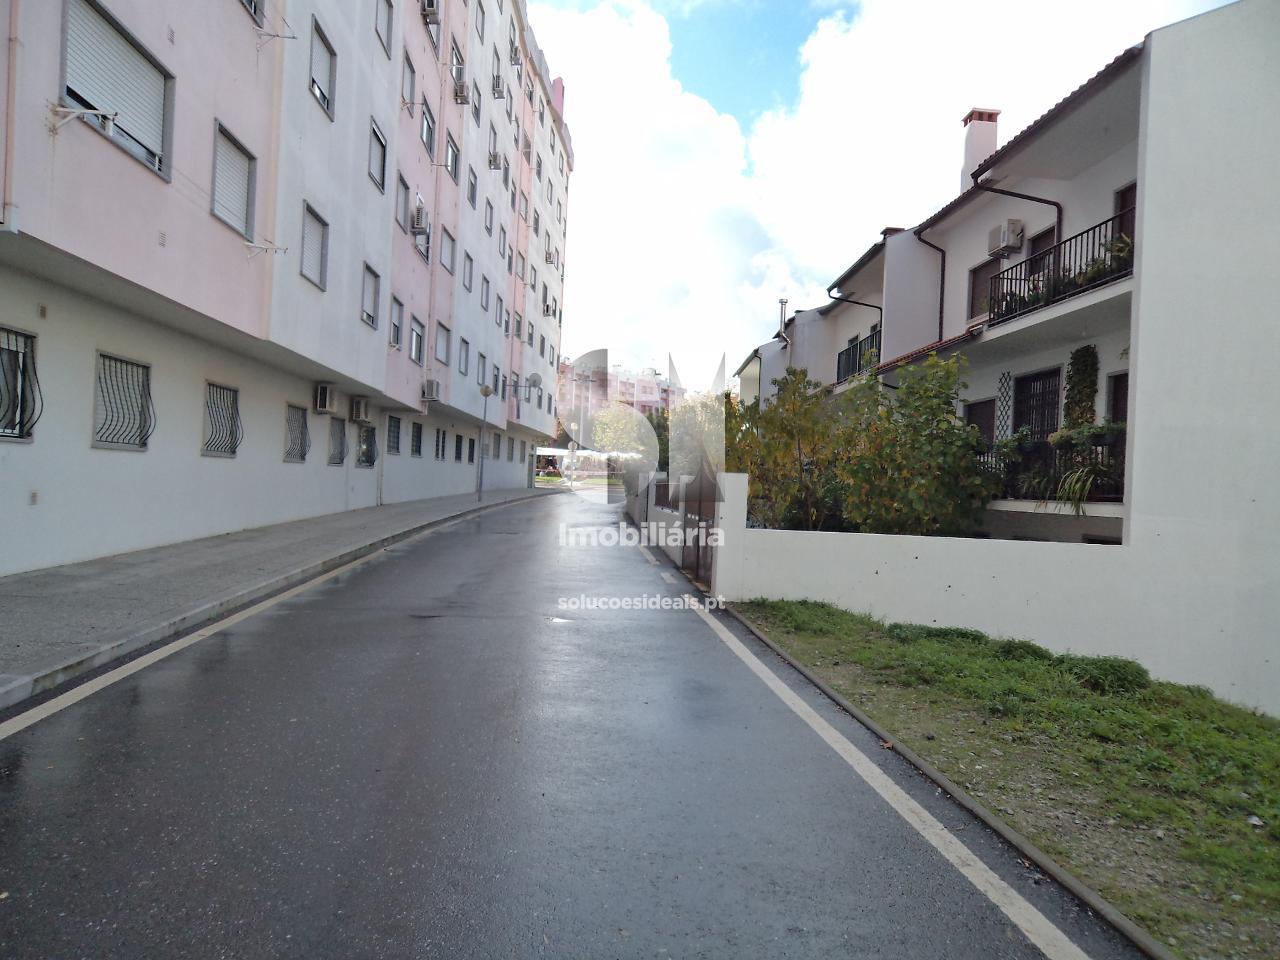 terreno para compra em castelo branco castelo branco castelo branco CBZTA371